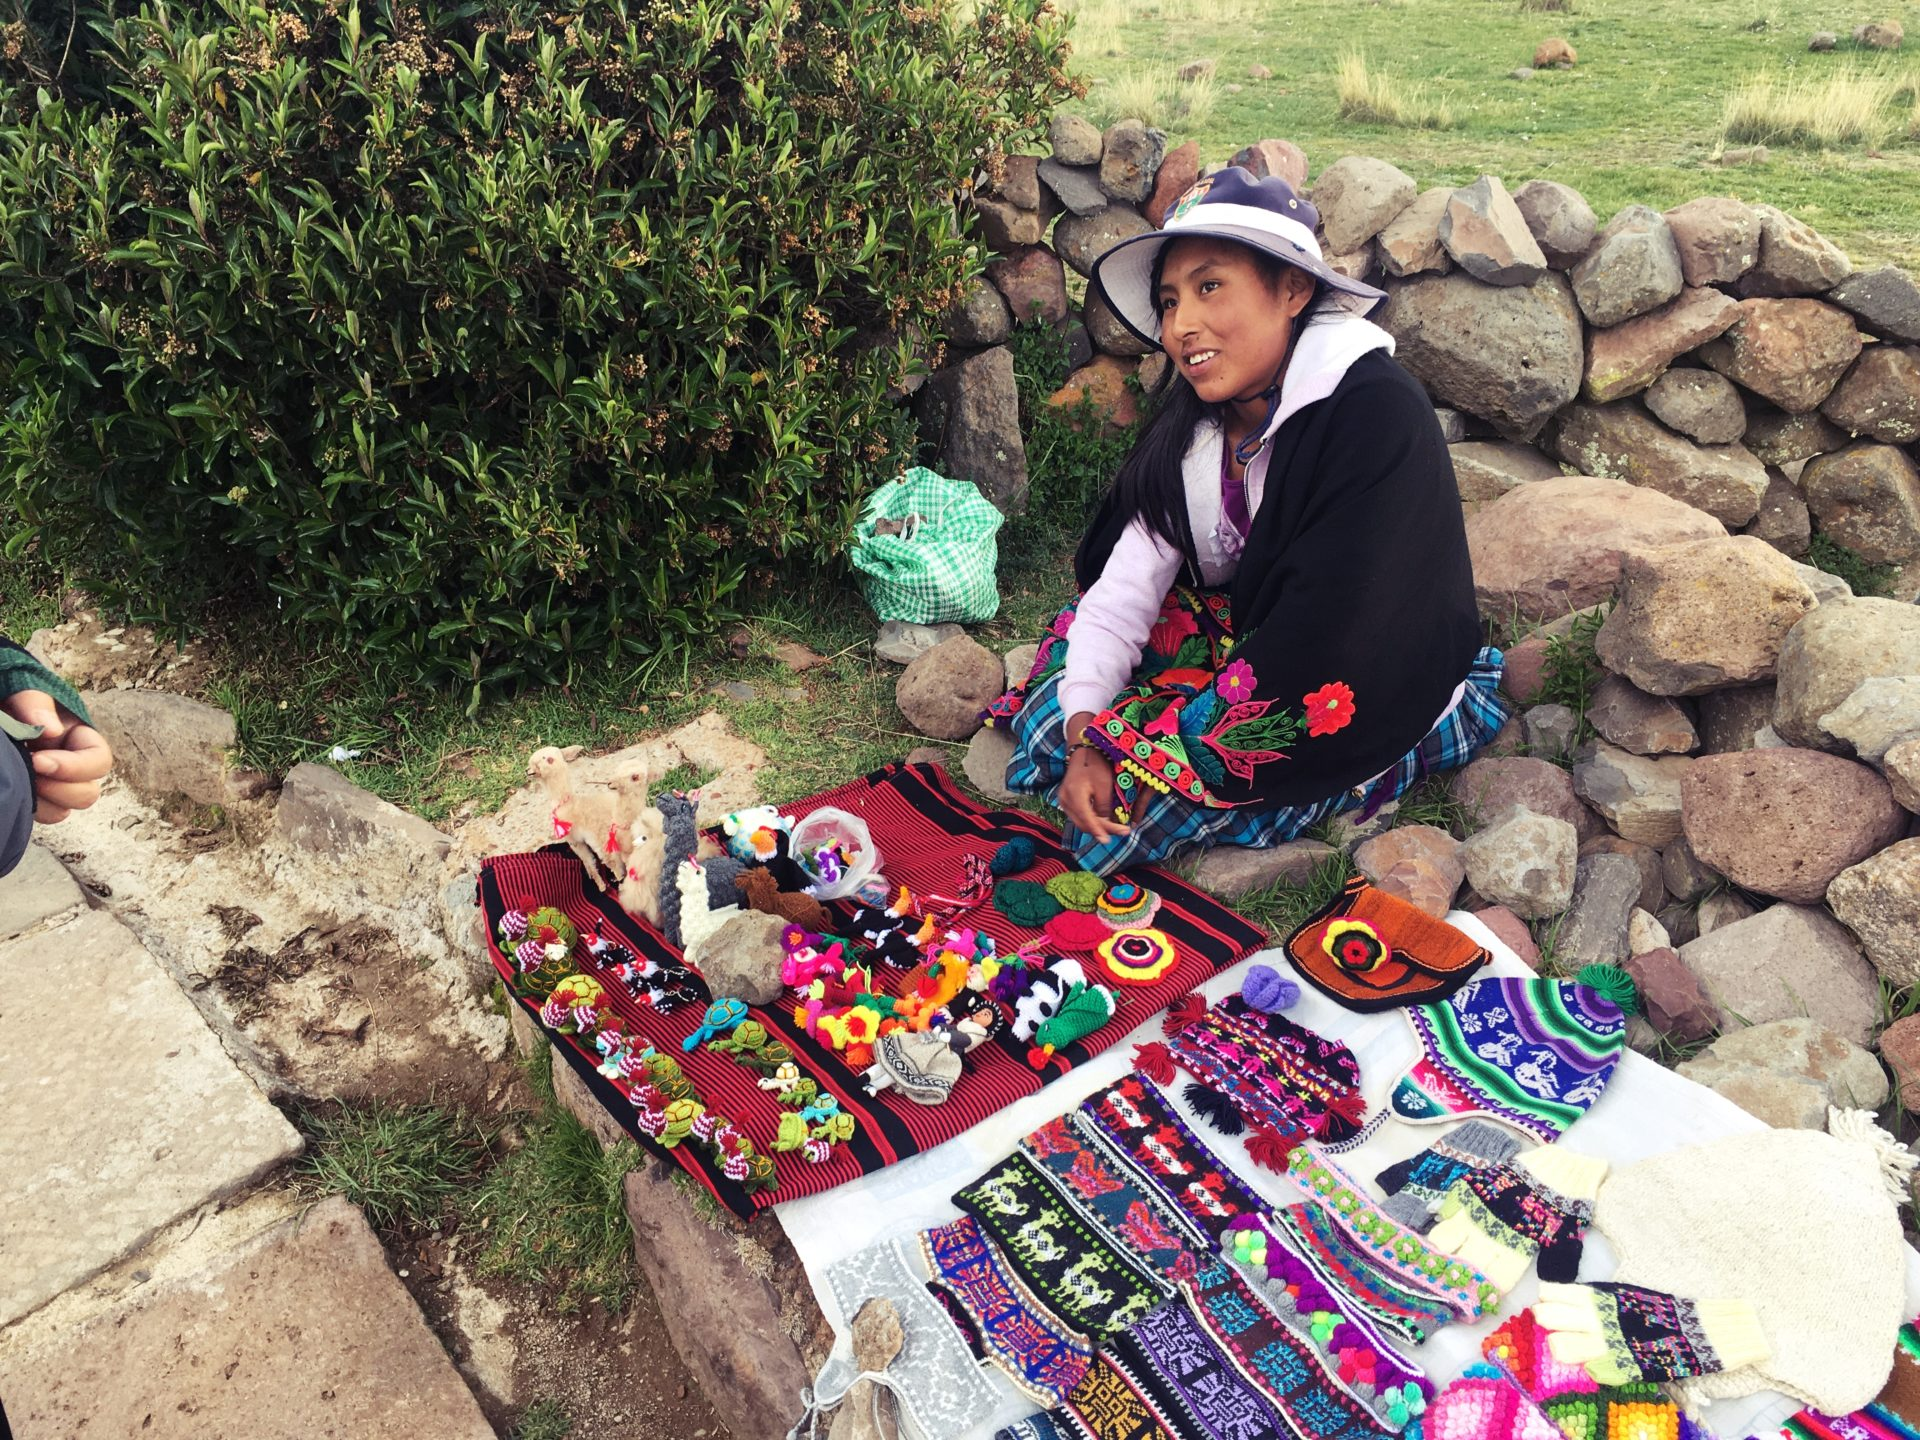 プーノ, チチカカ, 観光, Titicaca, Puno, アマンタニ, Amantani